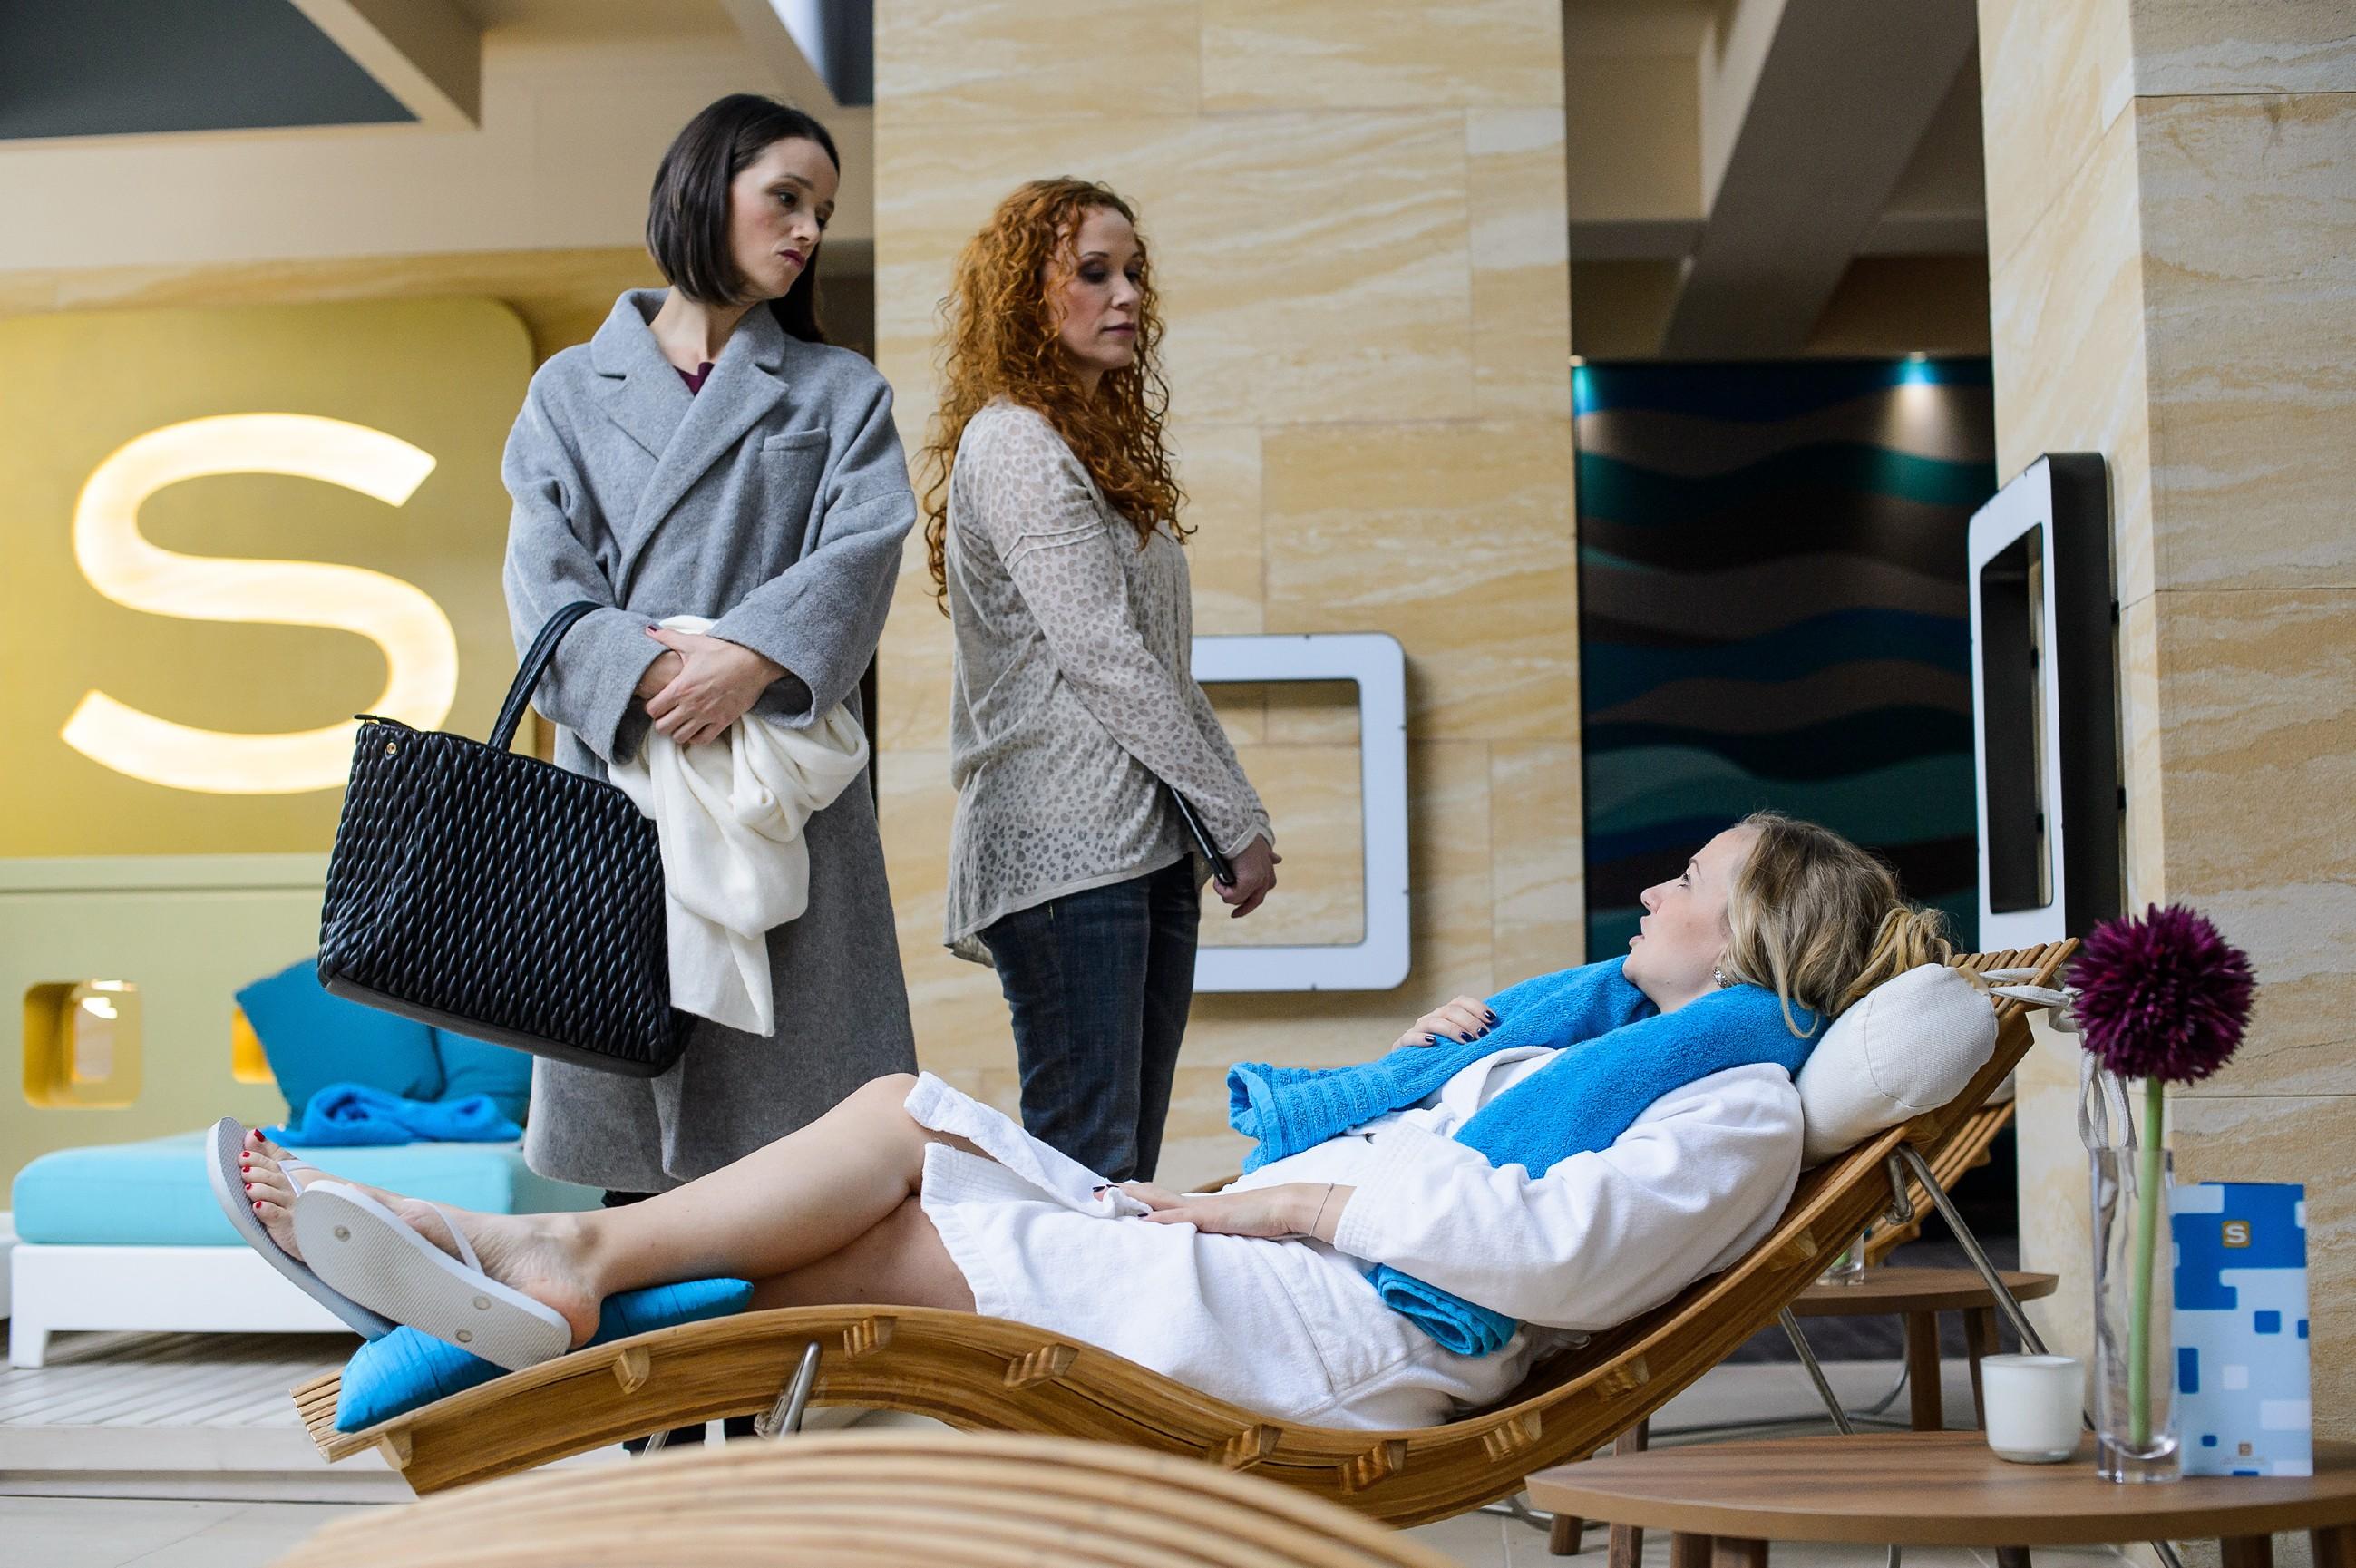 Isabelle (Ania Niedieck, r.) lässt Jenny (Kaja Schmidt-Tychsen, l.) in Gegenwart von Brigitte (Madlen Kaniuth) siegesgewiss auflaufen.